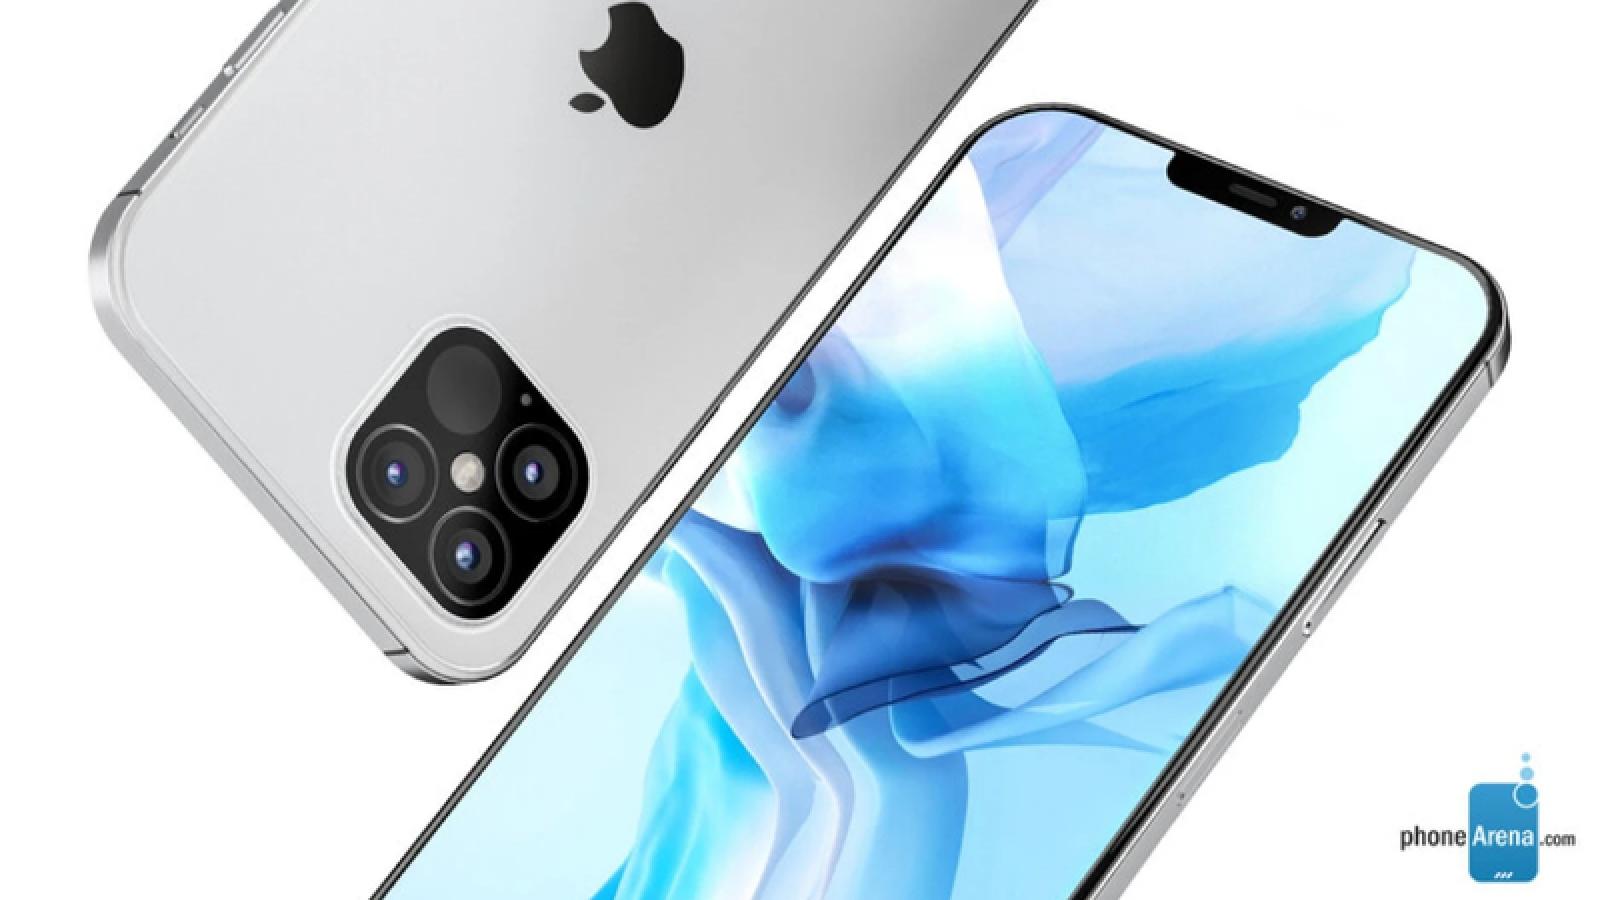 Người dùng sẽ được sở hữu iPhone 12 5G vào tháng 11